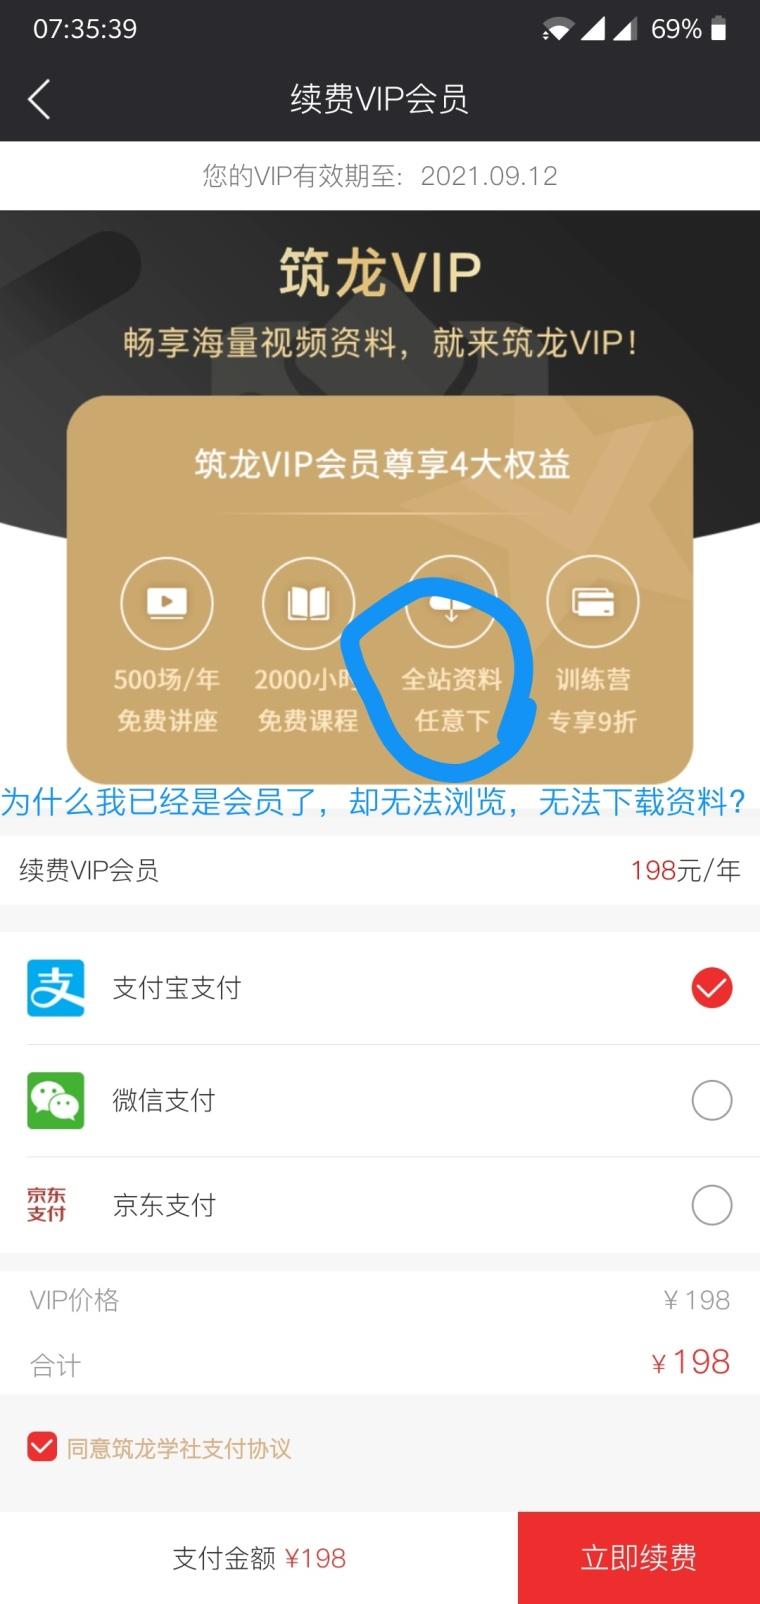 #筑龙教育意见反馈#版本2.4.0,ONEPLUSA6000,android:10_1